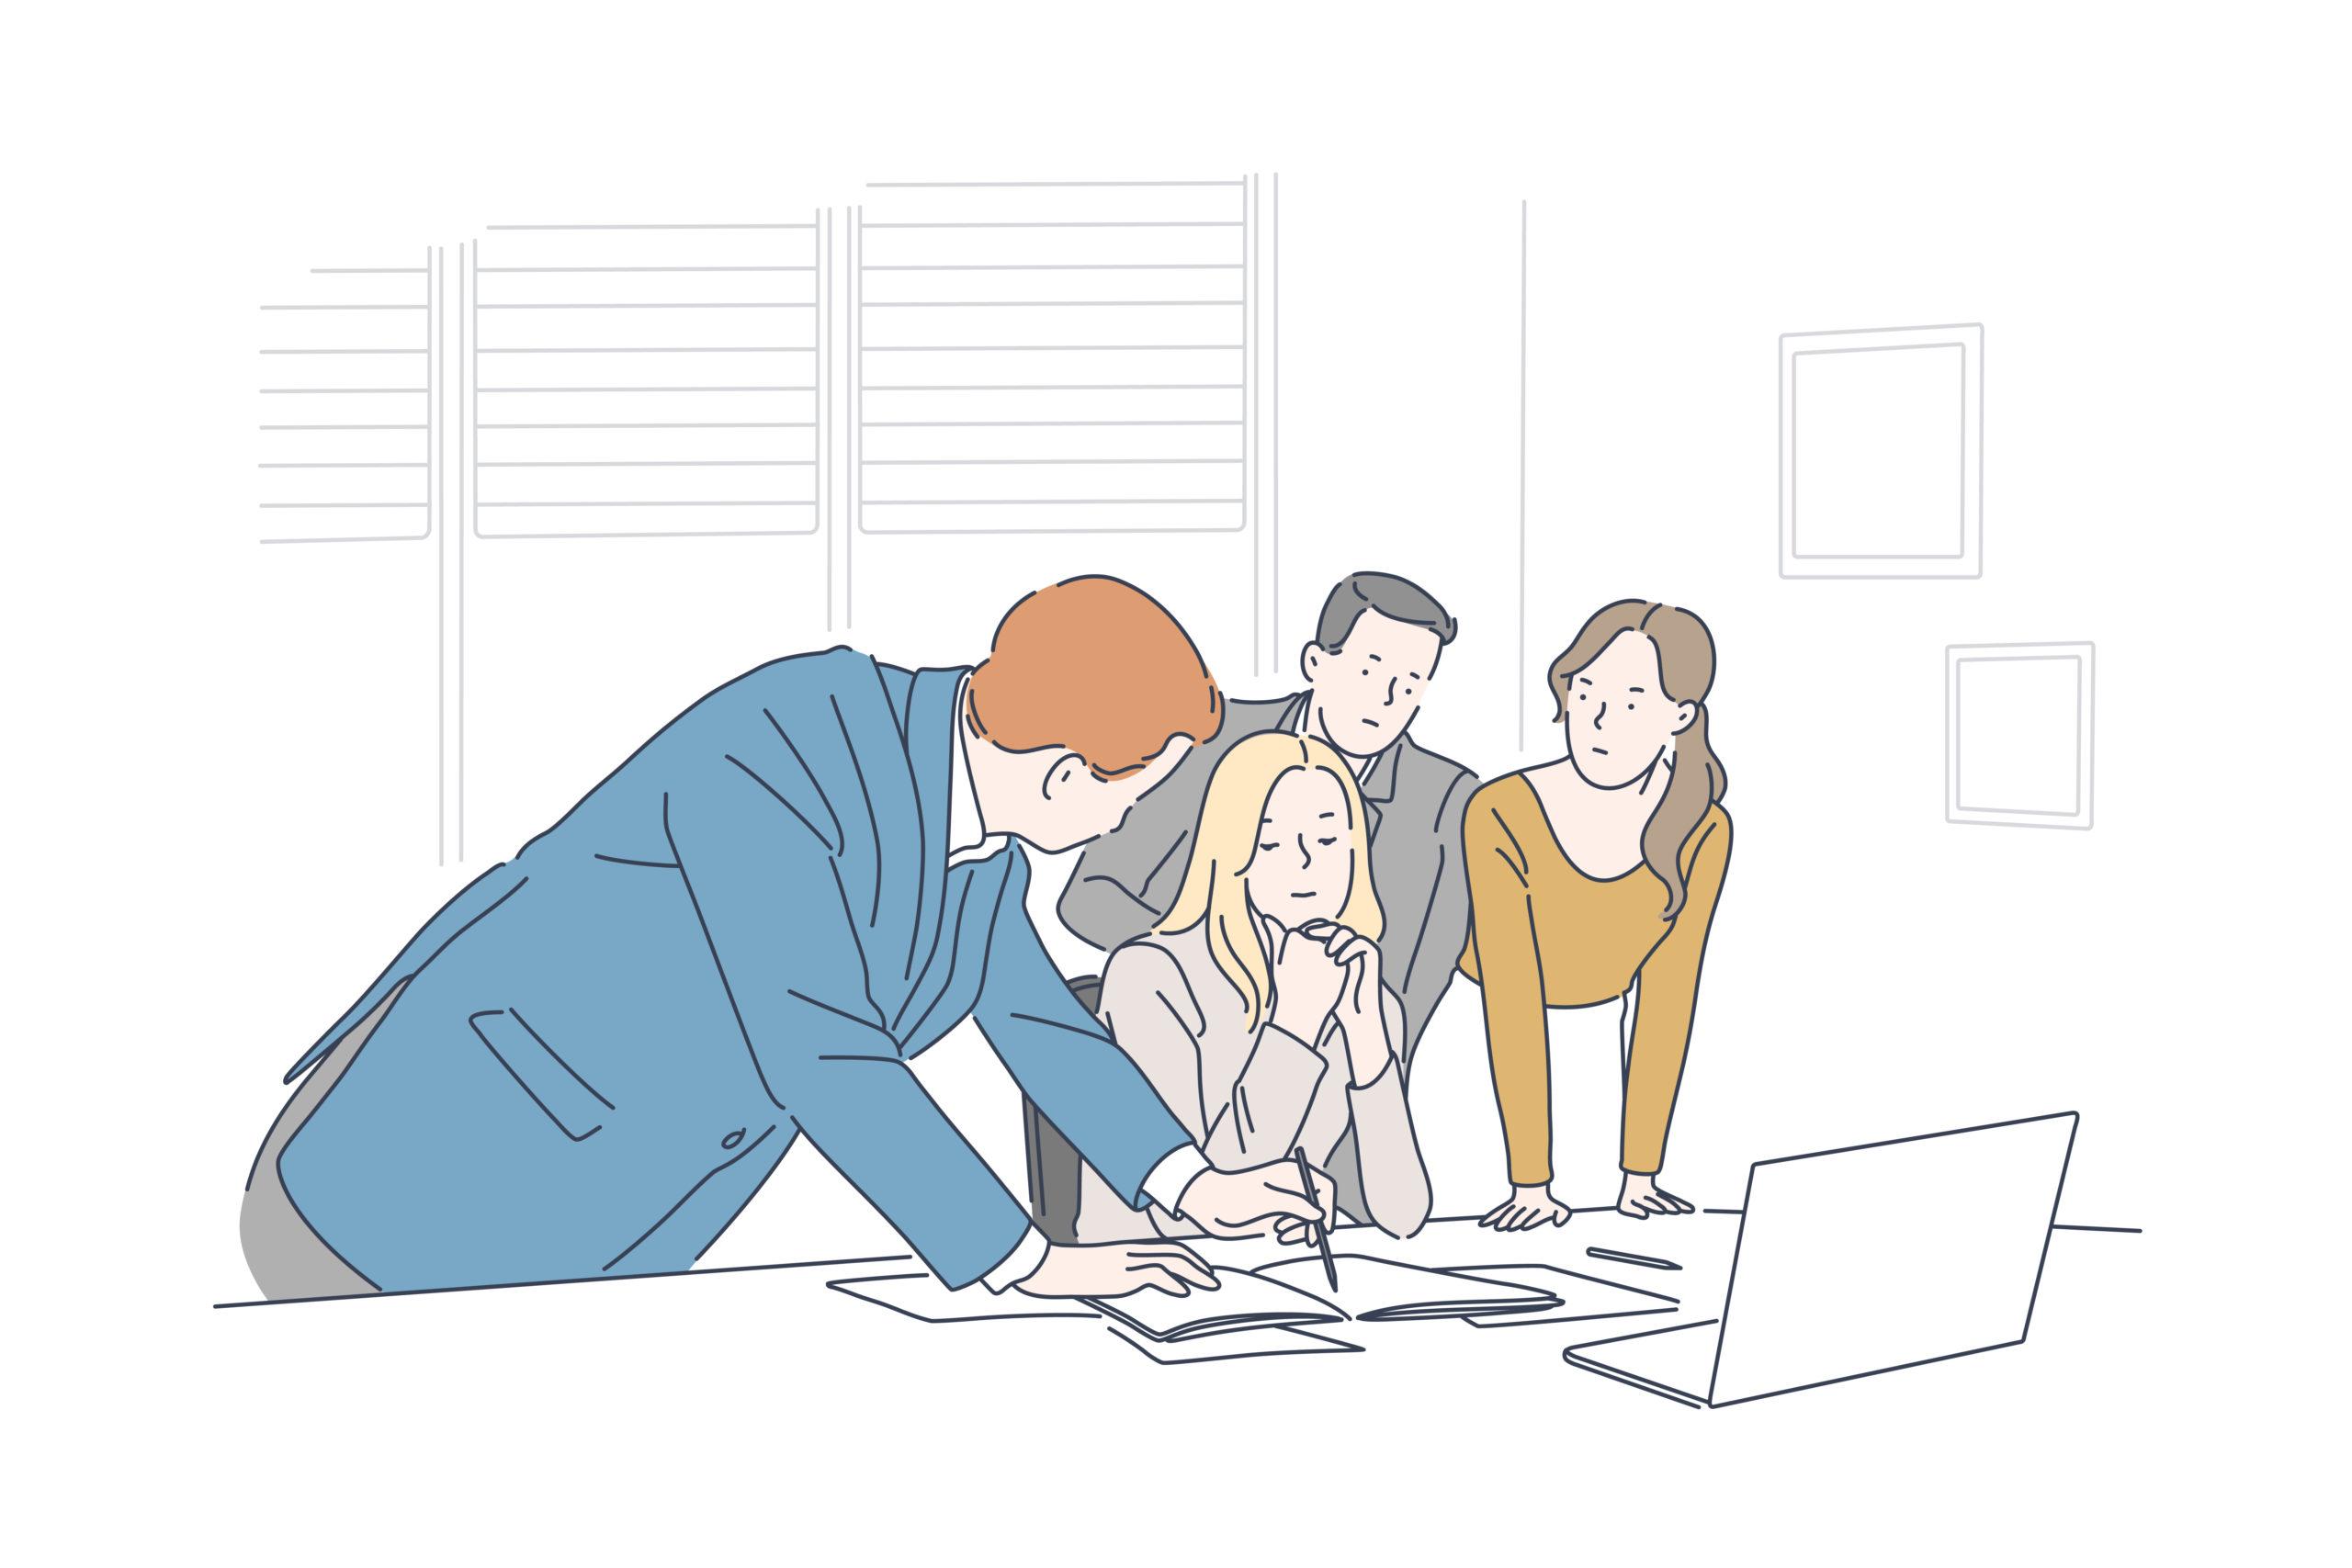 【売り上げUP】売れるブログアフィリエイト記事構成4ステップ【テンプレート付き】